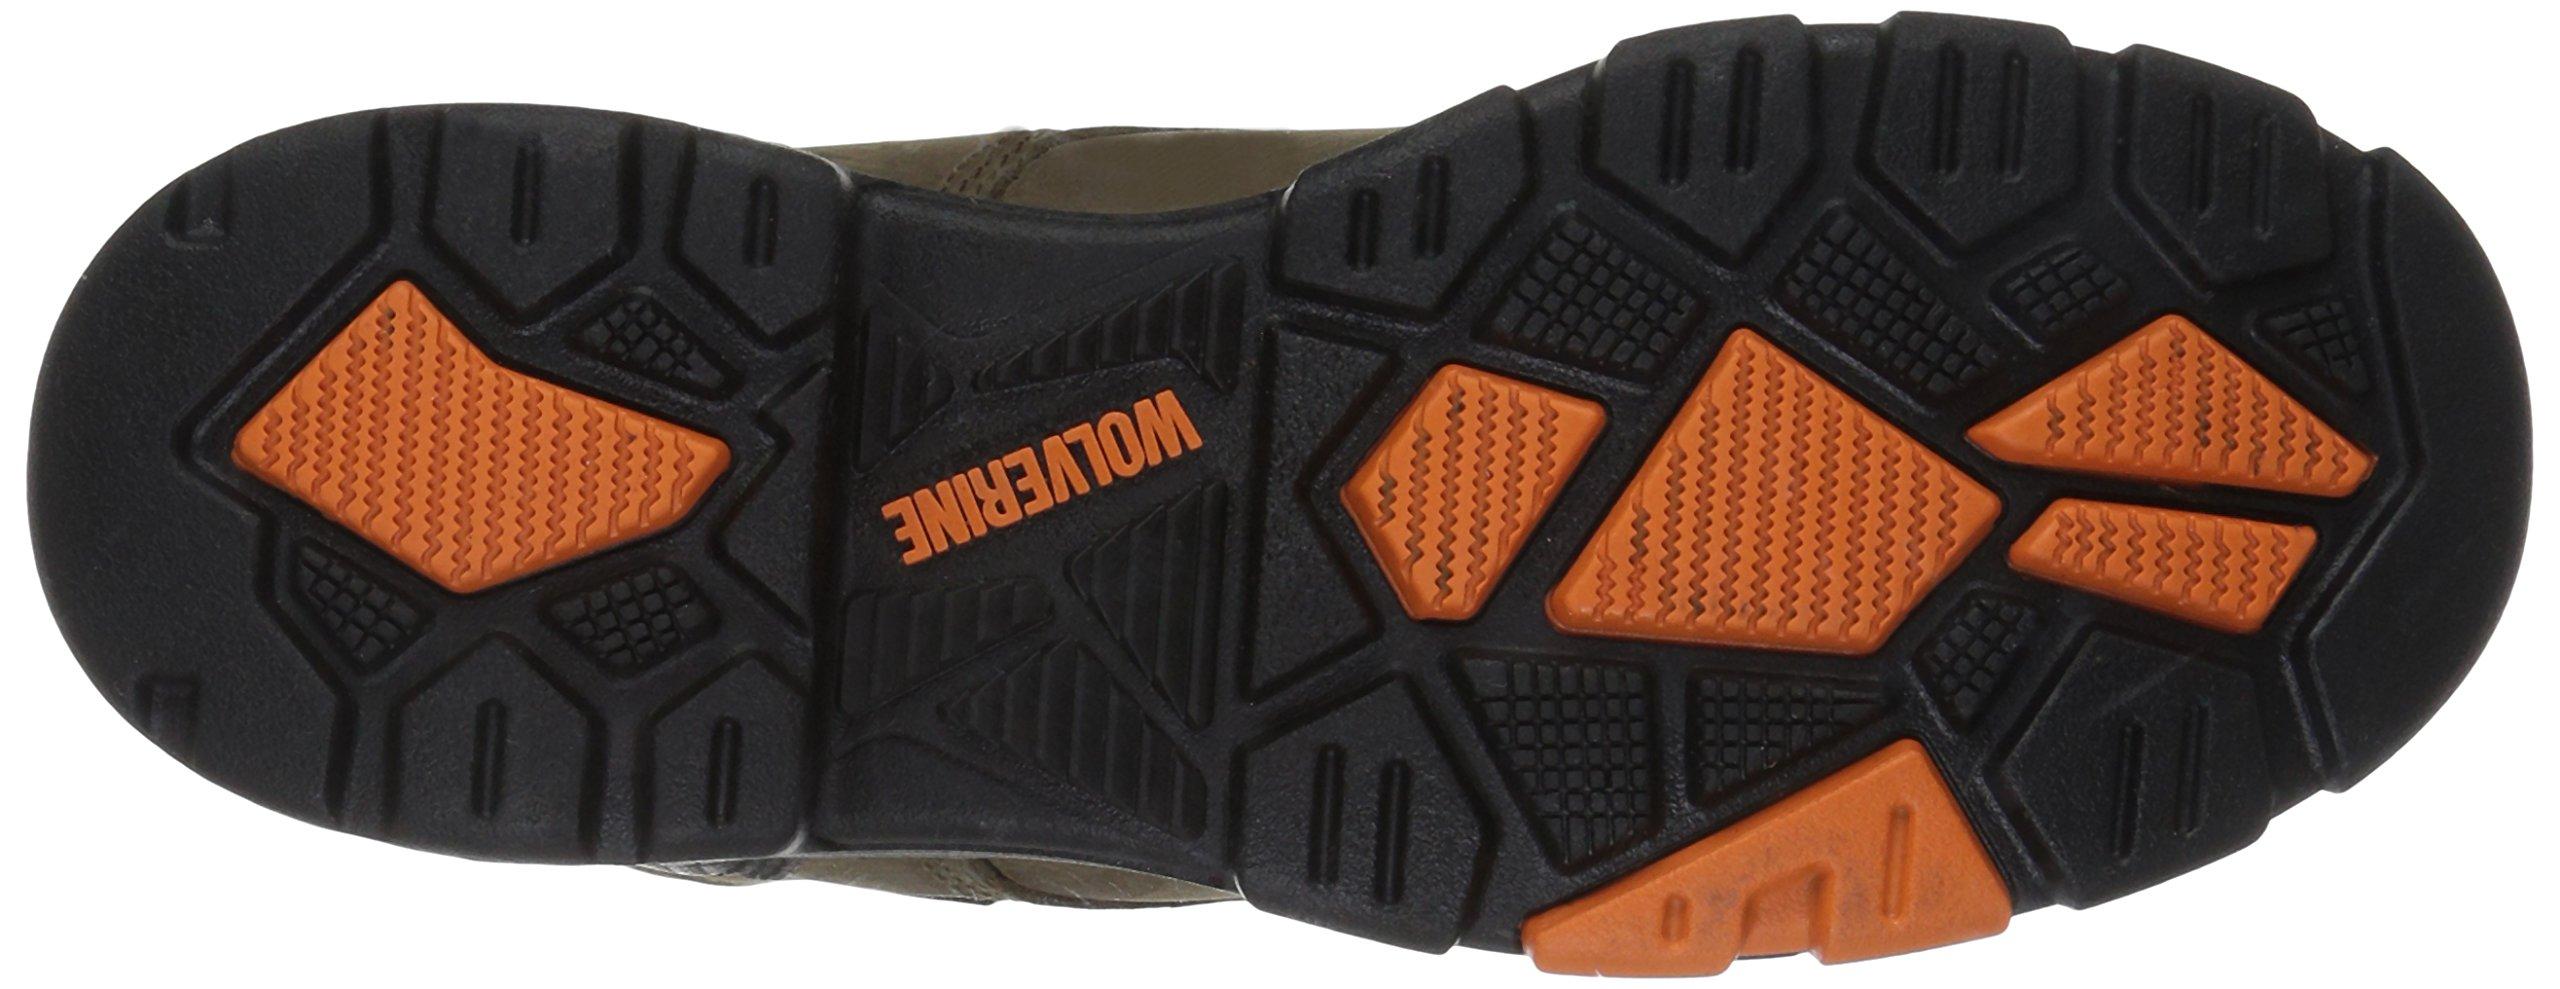 Wolverine Men's Blade LX Waterproof 6'' Soft Toe Work Boot, Brown, 13 M US by Wolverine (Image #3)